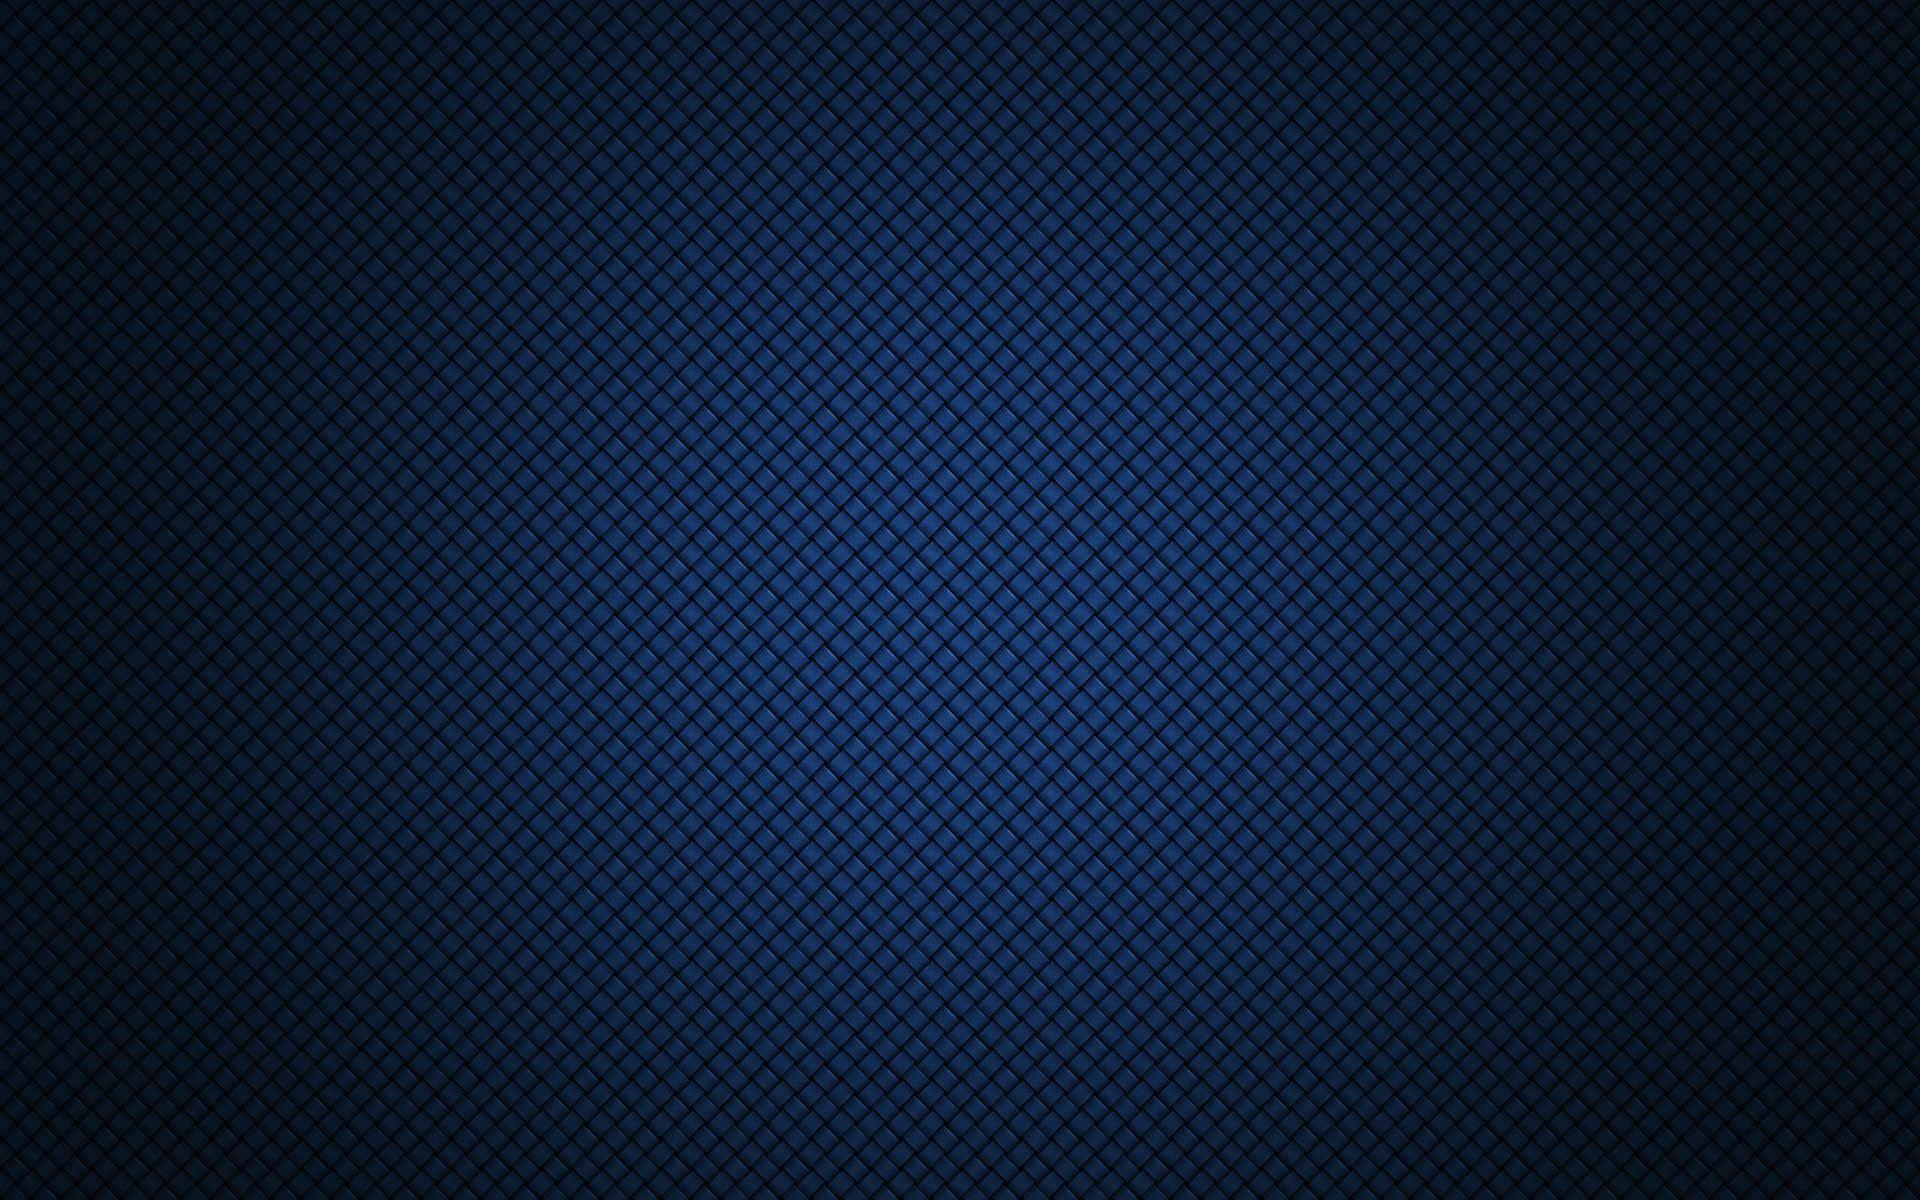 Blue Wallpaper HD - WallpaperSafari